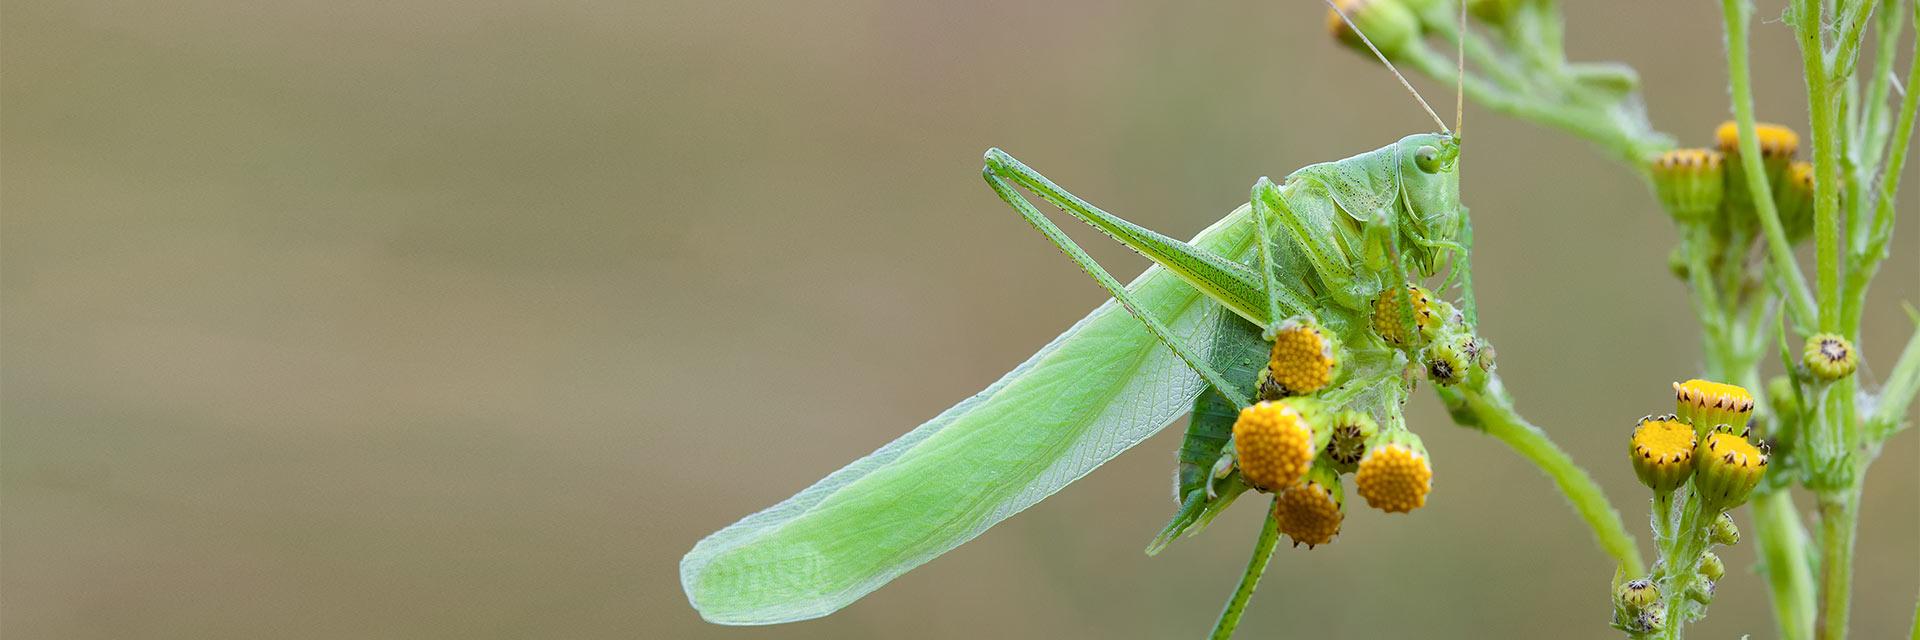 Welkom op de pagina van de Overige Insecten